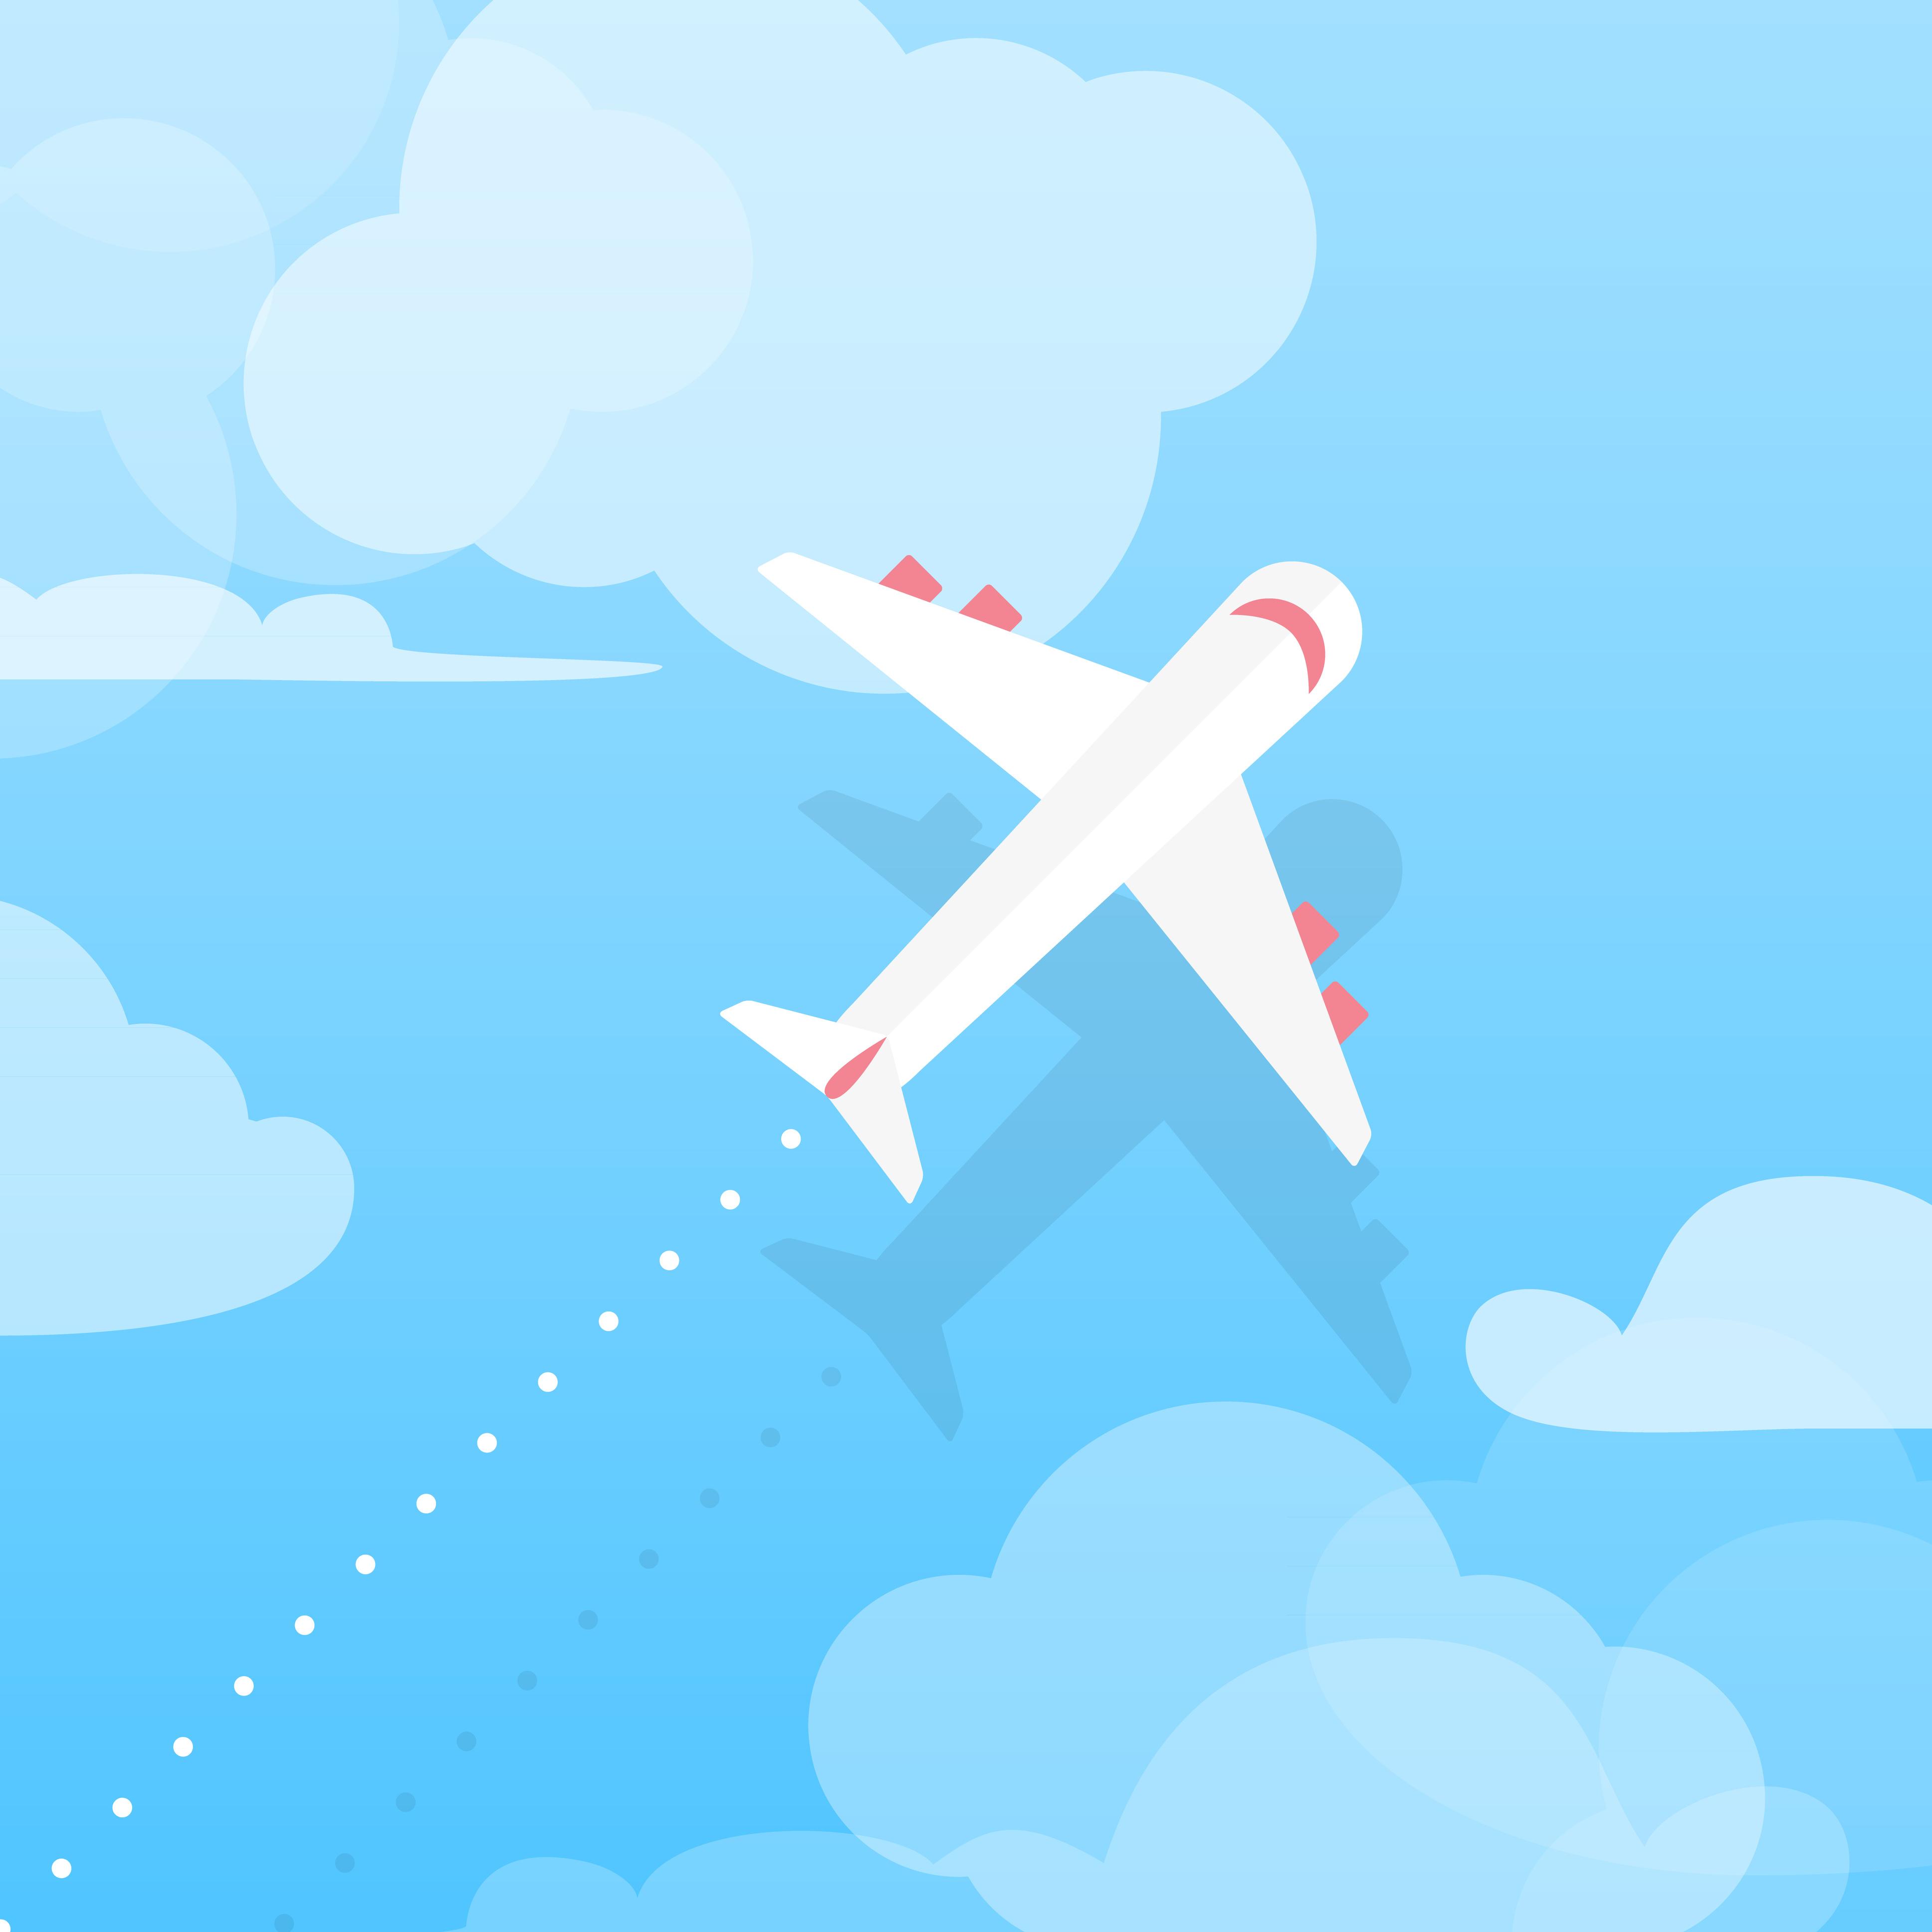 Cybersécurité dans l'aérien : pirater un avion, c'est possible ?